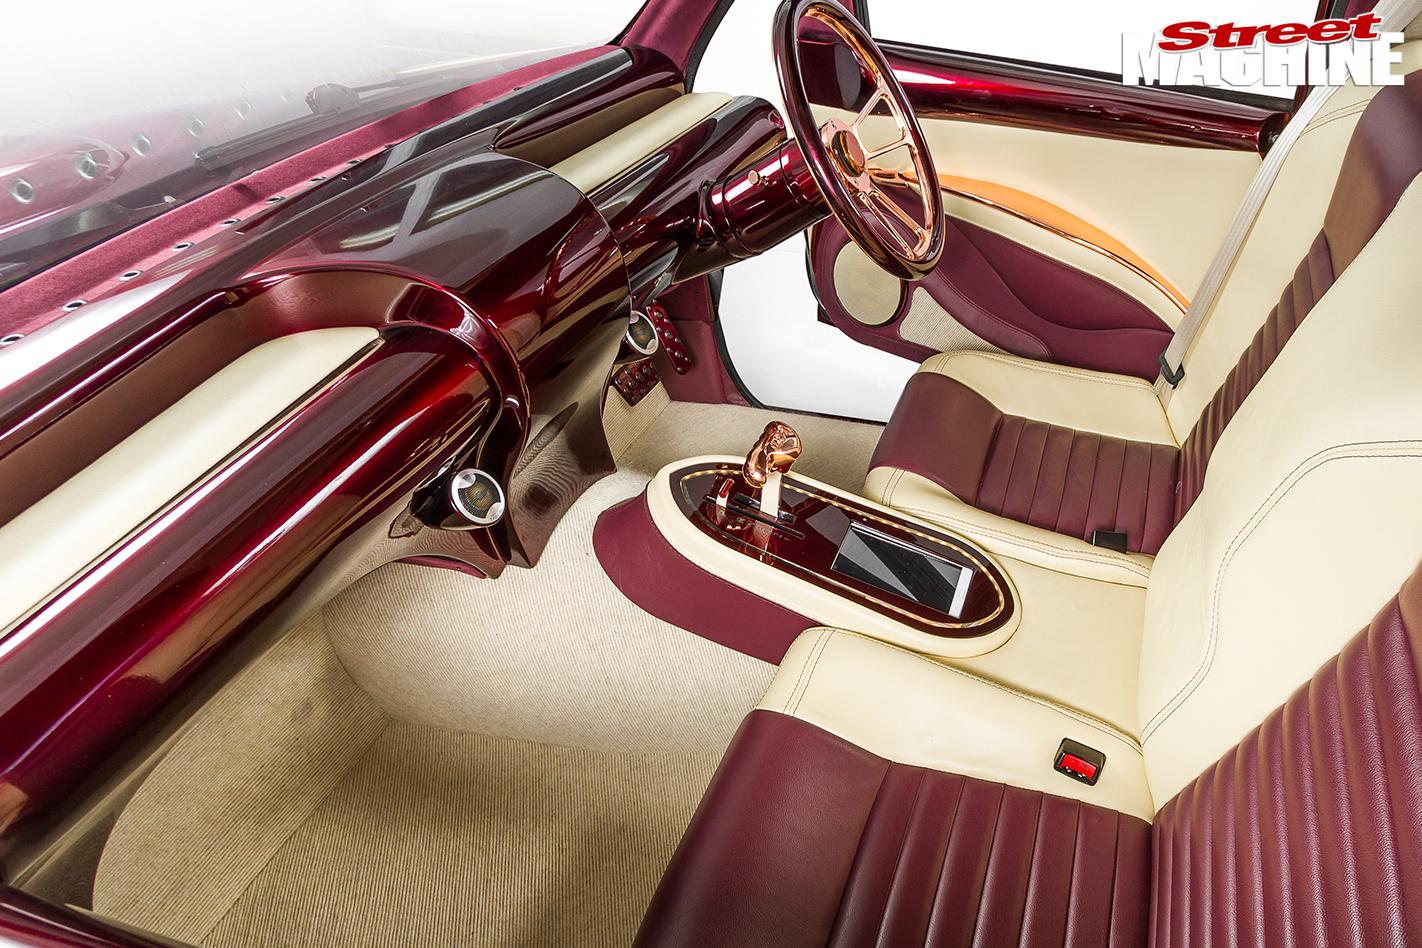 Holden -Rodeo -slammed -interior -passenger -side -2